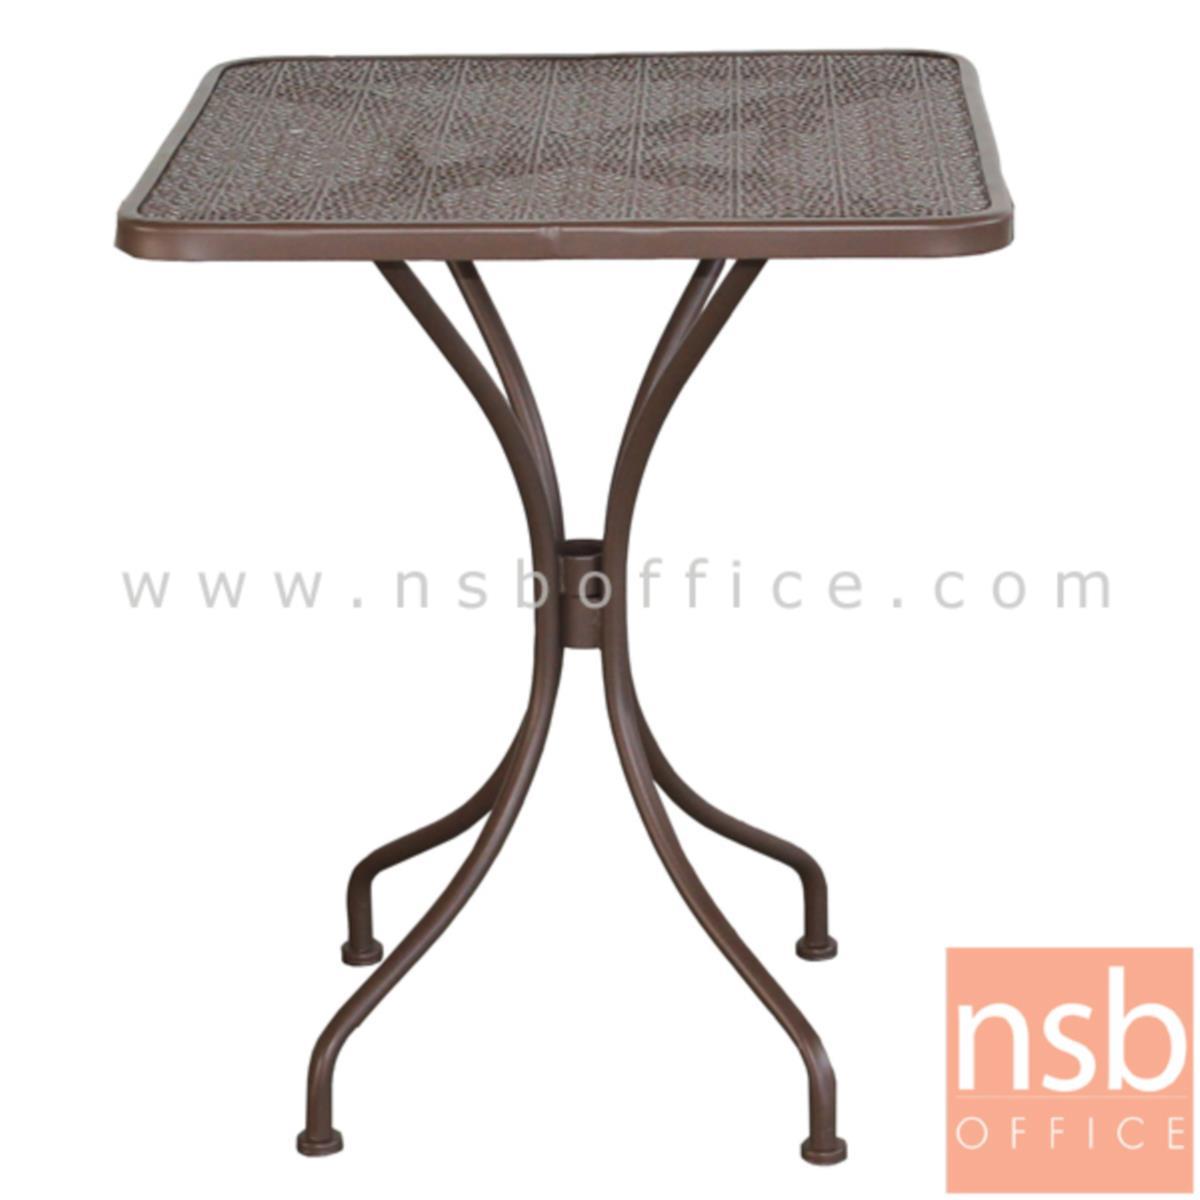 G08A247:โต๊ะสนามโครงเหล็กหน้าท็อปเหลี่ยม 60W*60D*71H cm. รุ่น WISDOM-01 ขาเหล็กพ่นสี (ไม่รวมเก้าอี้)